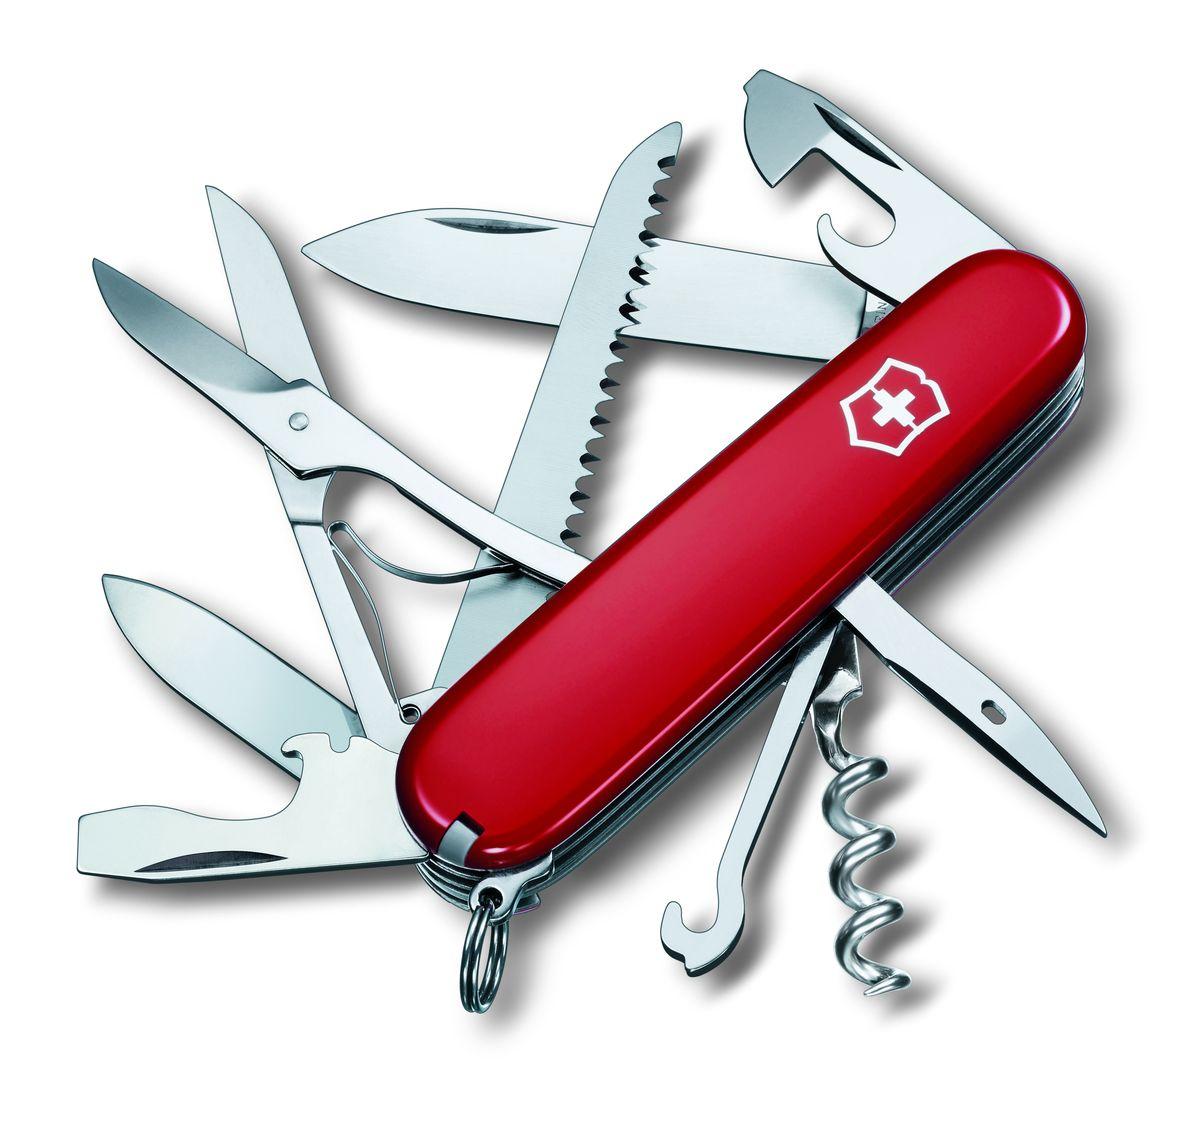 Нож перочинный Victorinox Huntsman 1.37131.3713Швейцарский армейский нож HUNTSMAN имеет 15 функций: 1. Большое лезвие 2. Малое лезвие 3. Штопор 4. Консервный нож с: 5. – Малой отвёрткой 6. Открывалка для бутылок с: 7. – Отвёрткой 8. – Инструментом для снятия изоляции 9. Шило, кернер 10. Кольцо для ключей 11. Пинцет 12. Зубочистка 13. Ножницы 14. Многофункциональный крючок 15. Пила по дереву Цвет рукояти: красный